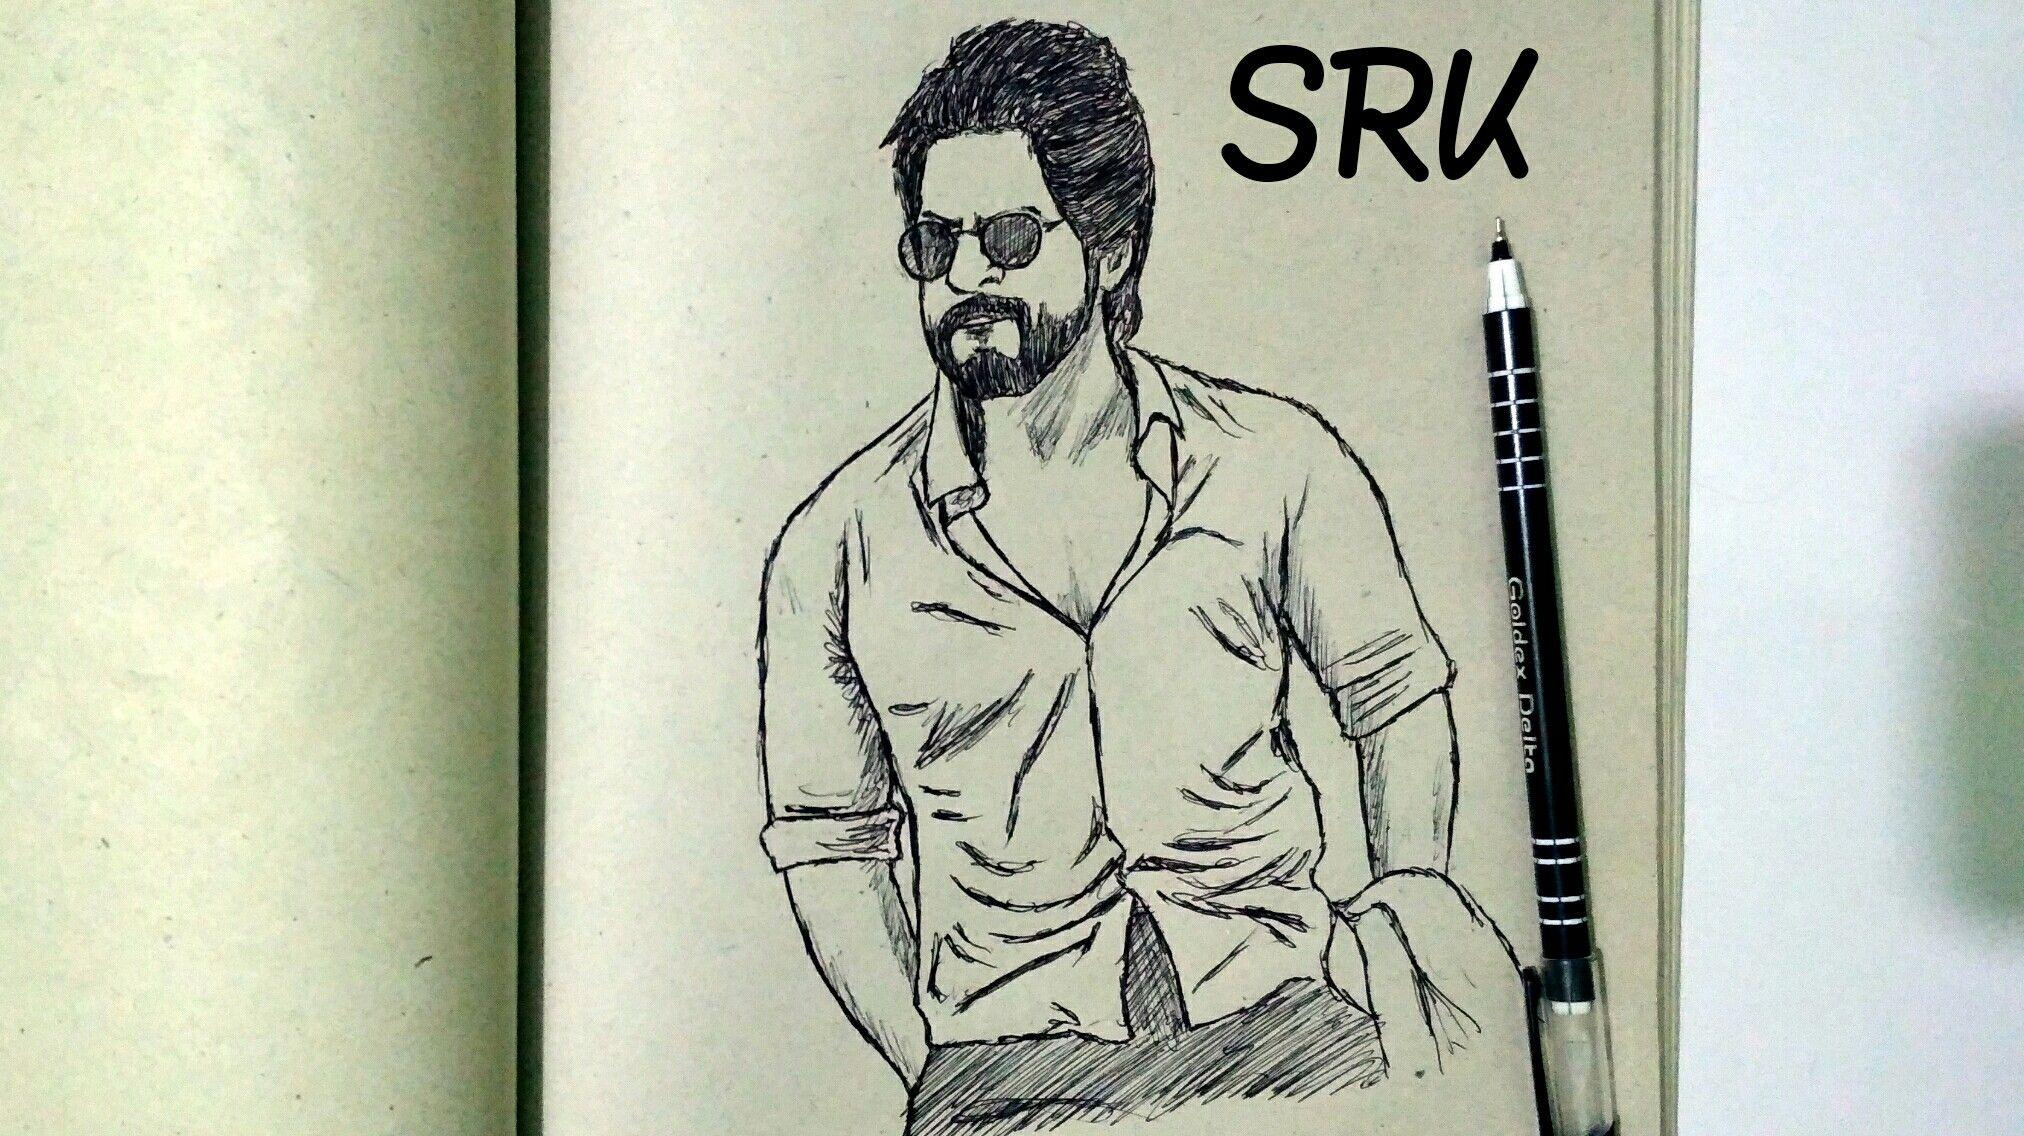 Shahrukh Khan Sketch Male sketch, Art, Shahrukh khan